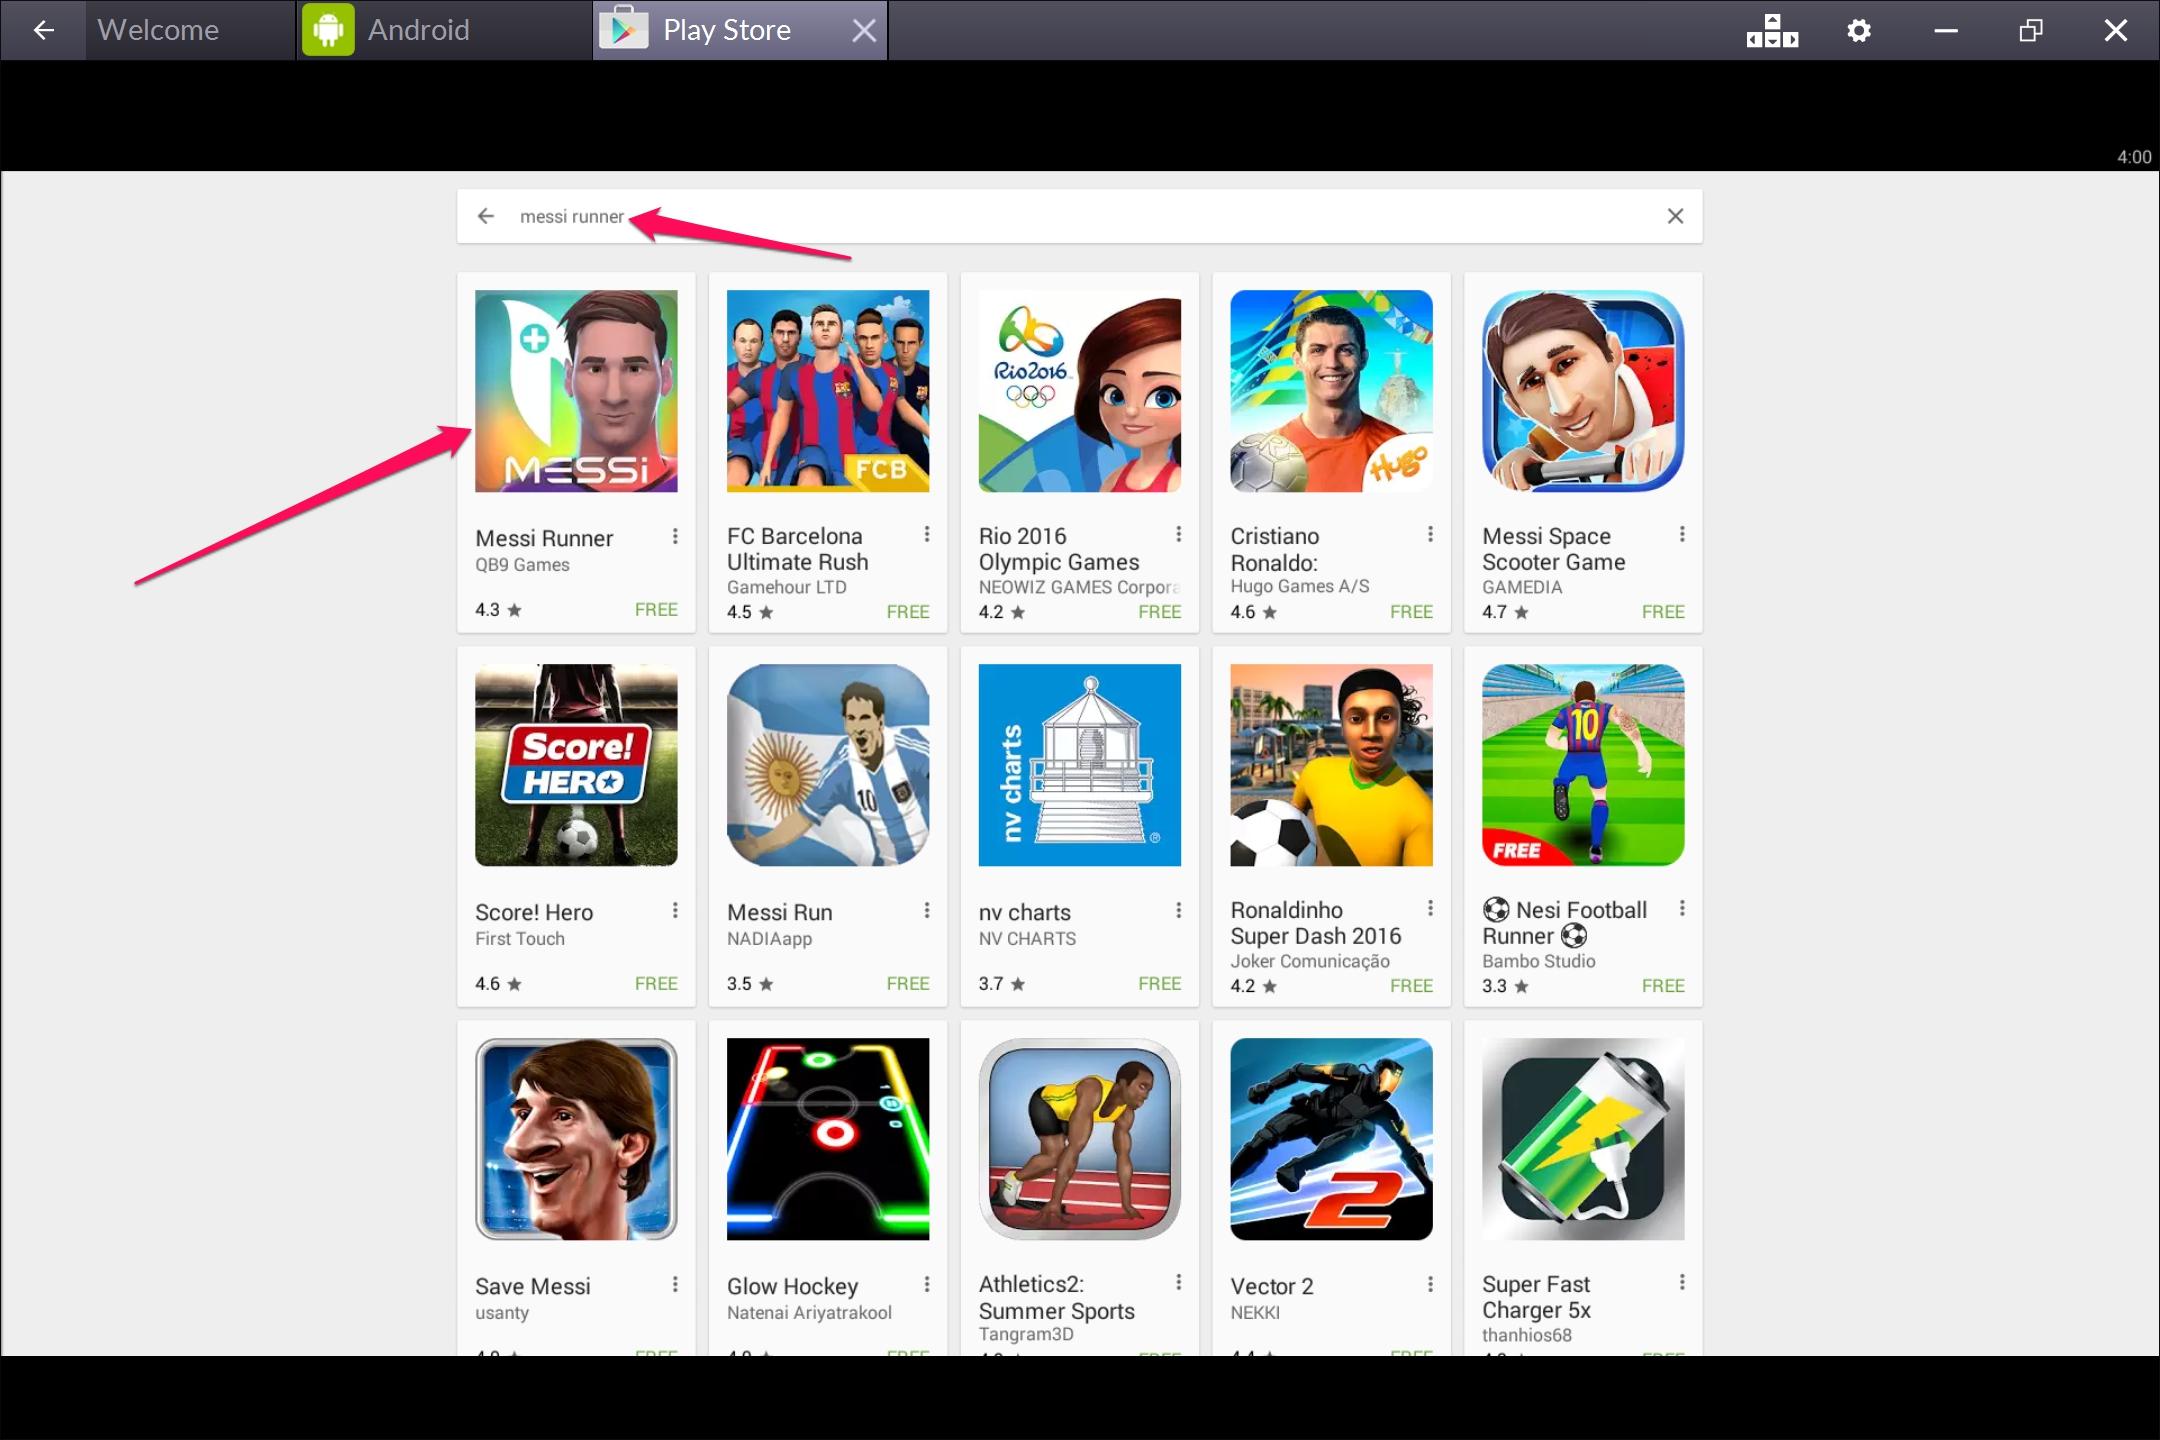 Messi_Runner_For_Windows10